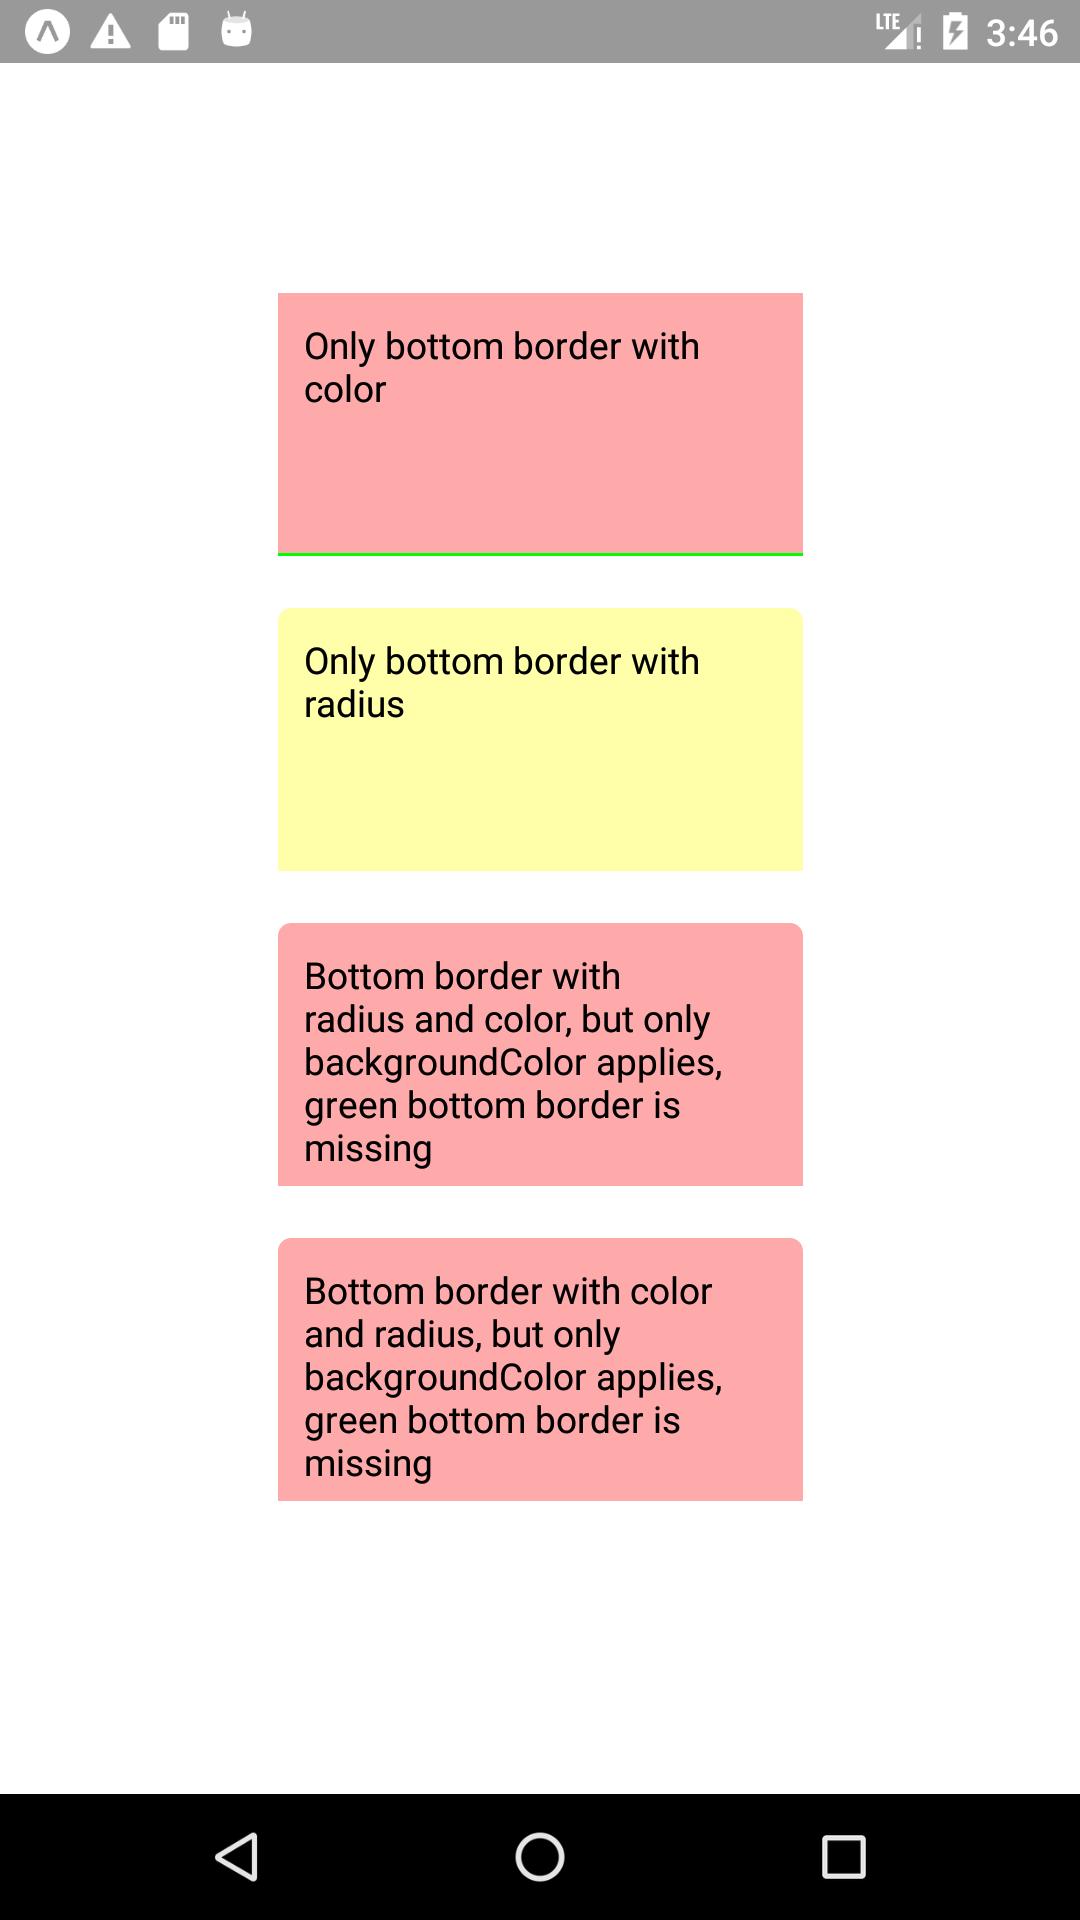 BorderColor and borderWidth are missing when using borderRadius